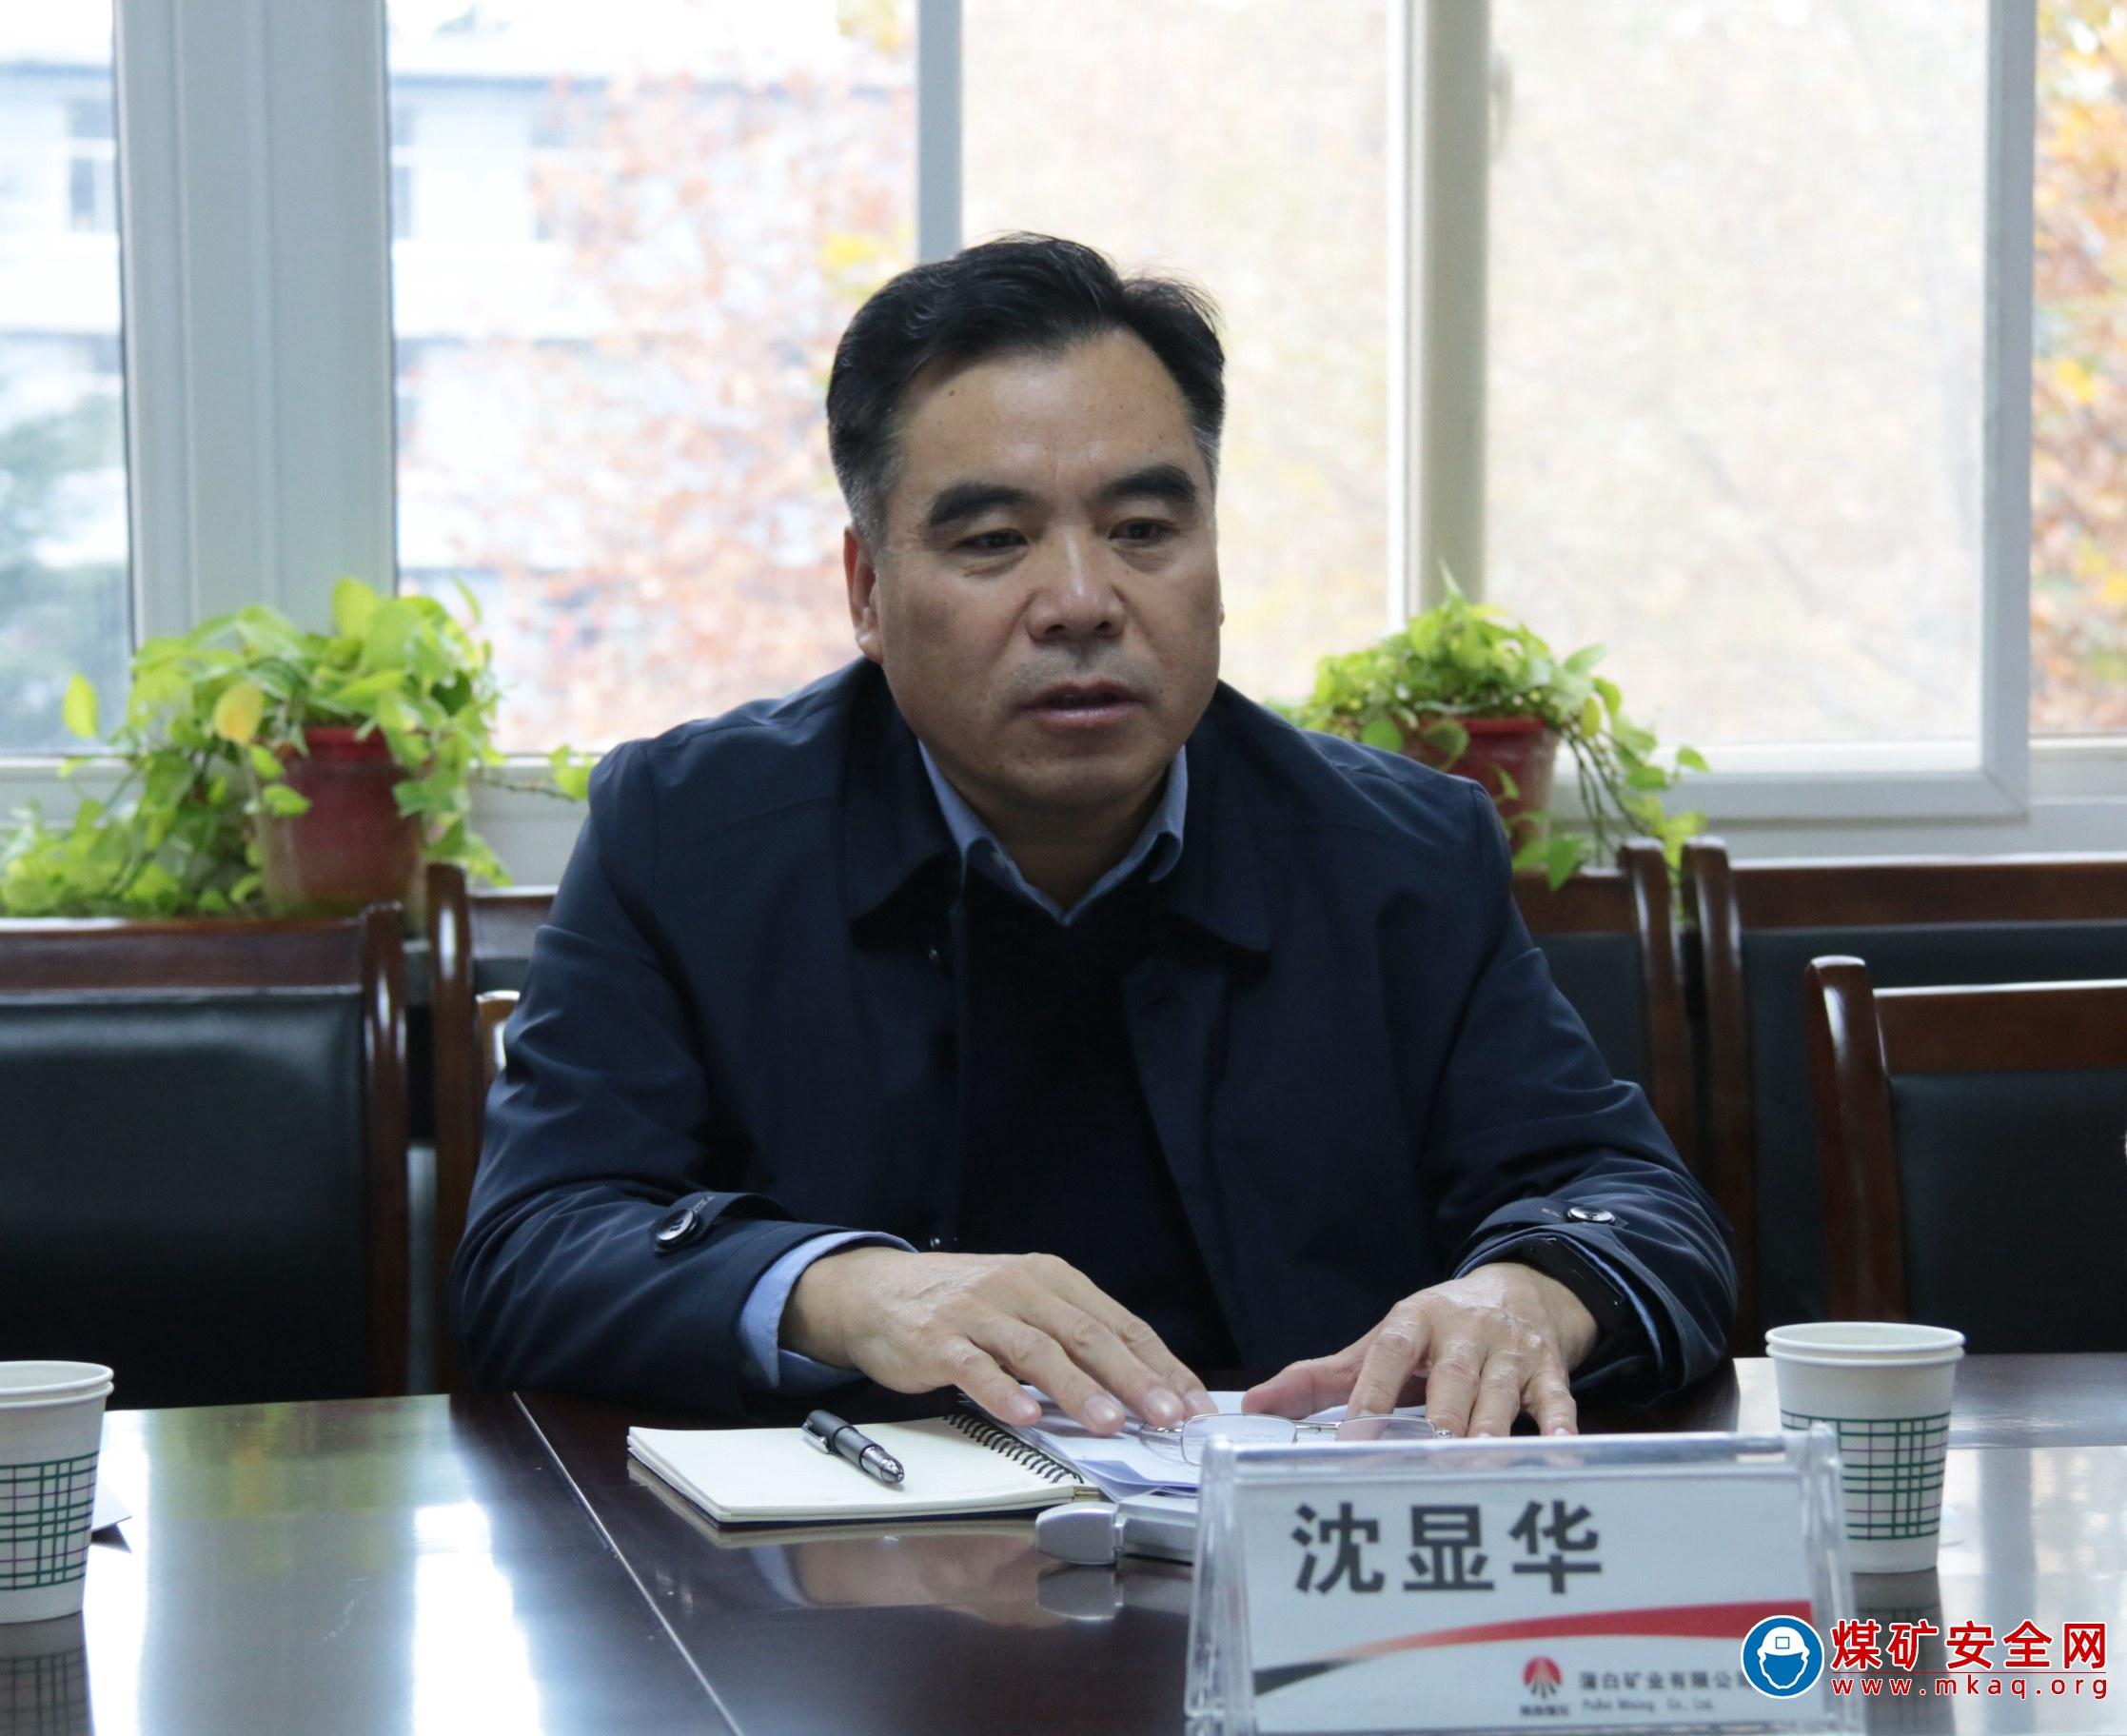 沈煤董事长_宁煤新董事长张胜利